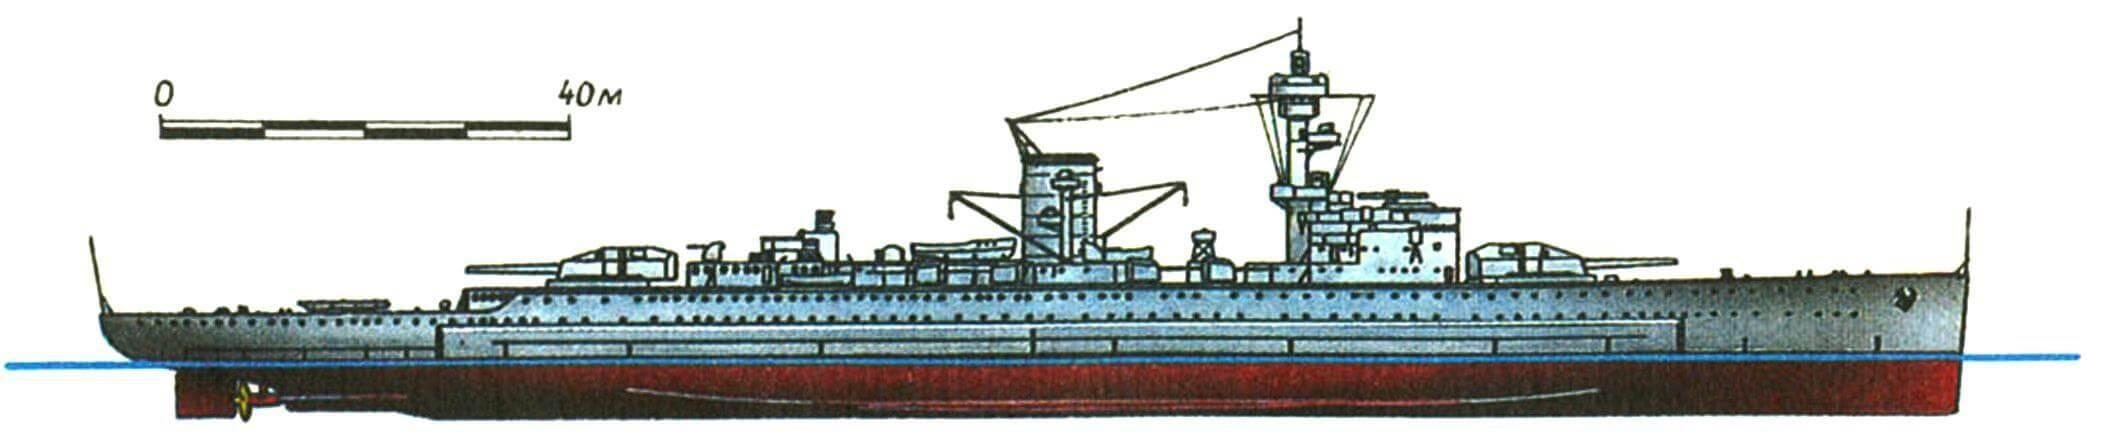 229. «Карманный линкор» «ДОЙЧЛАНД», Германия, 1933 г. Заложен в 1929 г., спущен на воду в 1931 г. Водоизмещение стандартное 10 600 т, нормальное 12 630 т, полное 14 290 т. Длина наибольшая 186 м, ширина 20,7 м, осадка 7,25 м. Мощность дизельной установки 50 000 л.с., скорость 28 уз. Броня: пояс 80—60 мм, палуба до 40 мм, противоторпедная переборна 40 мм, башни до 140 мм, рубка 150 мм. Вооружение: шесть 283-мм и восемь 150-мм орудий, три 88-мм зенитки, четыре 37-мм и десять 20-мм автоматов, 8 торпедных аппаратов, 2 гидросамолета. Всего построено 3 единицы: «Дойчланд» (в ноябре 1939 г. переименован в «Лютцов»), «Адмирал Шеер» (1934 г.) и «Адмирал граф Шпее» (1936 г.). Последние два отличались улучшенным бронированием (палуба до 45 мм) и возросшим водоизмещением (полное соответственно 15 180 и 16 020 т). Зенитное вооружение впоследствии неоднократно усиливалось. «Адмирал граф Шпее» затоплен 17 декабря 1939 г. у Монтевидео после боя с английскими крейсерами. Остальные два уничтожены в базах союзной авиацией в апреле 1945 г.